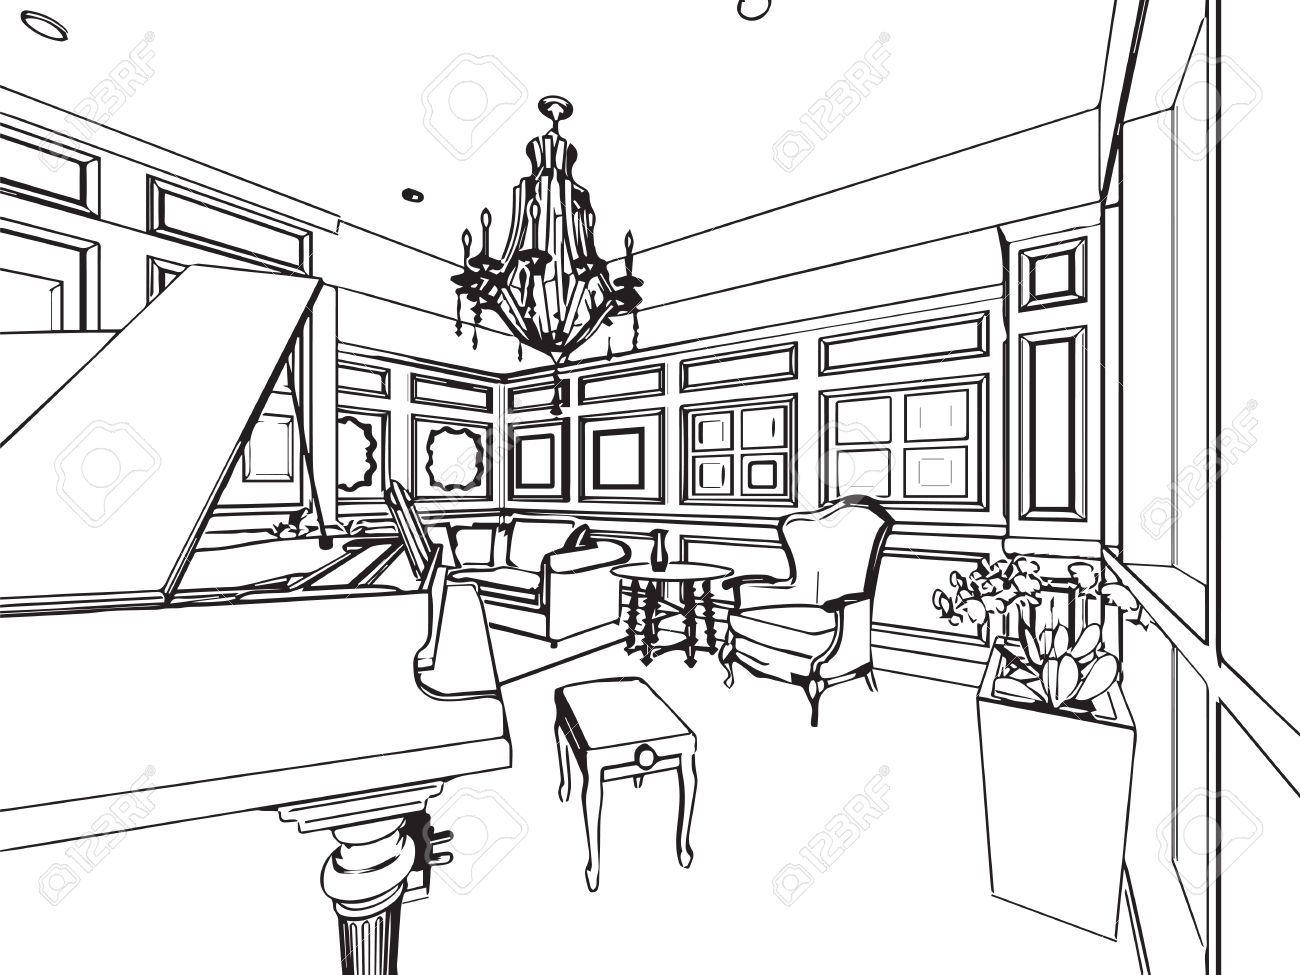 Skizze, Zeichnung Perspektive Eines Inter Raum Umreißen Lizenzfrei ...